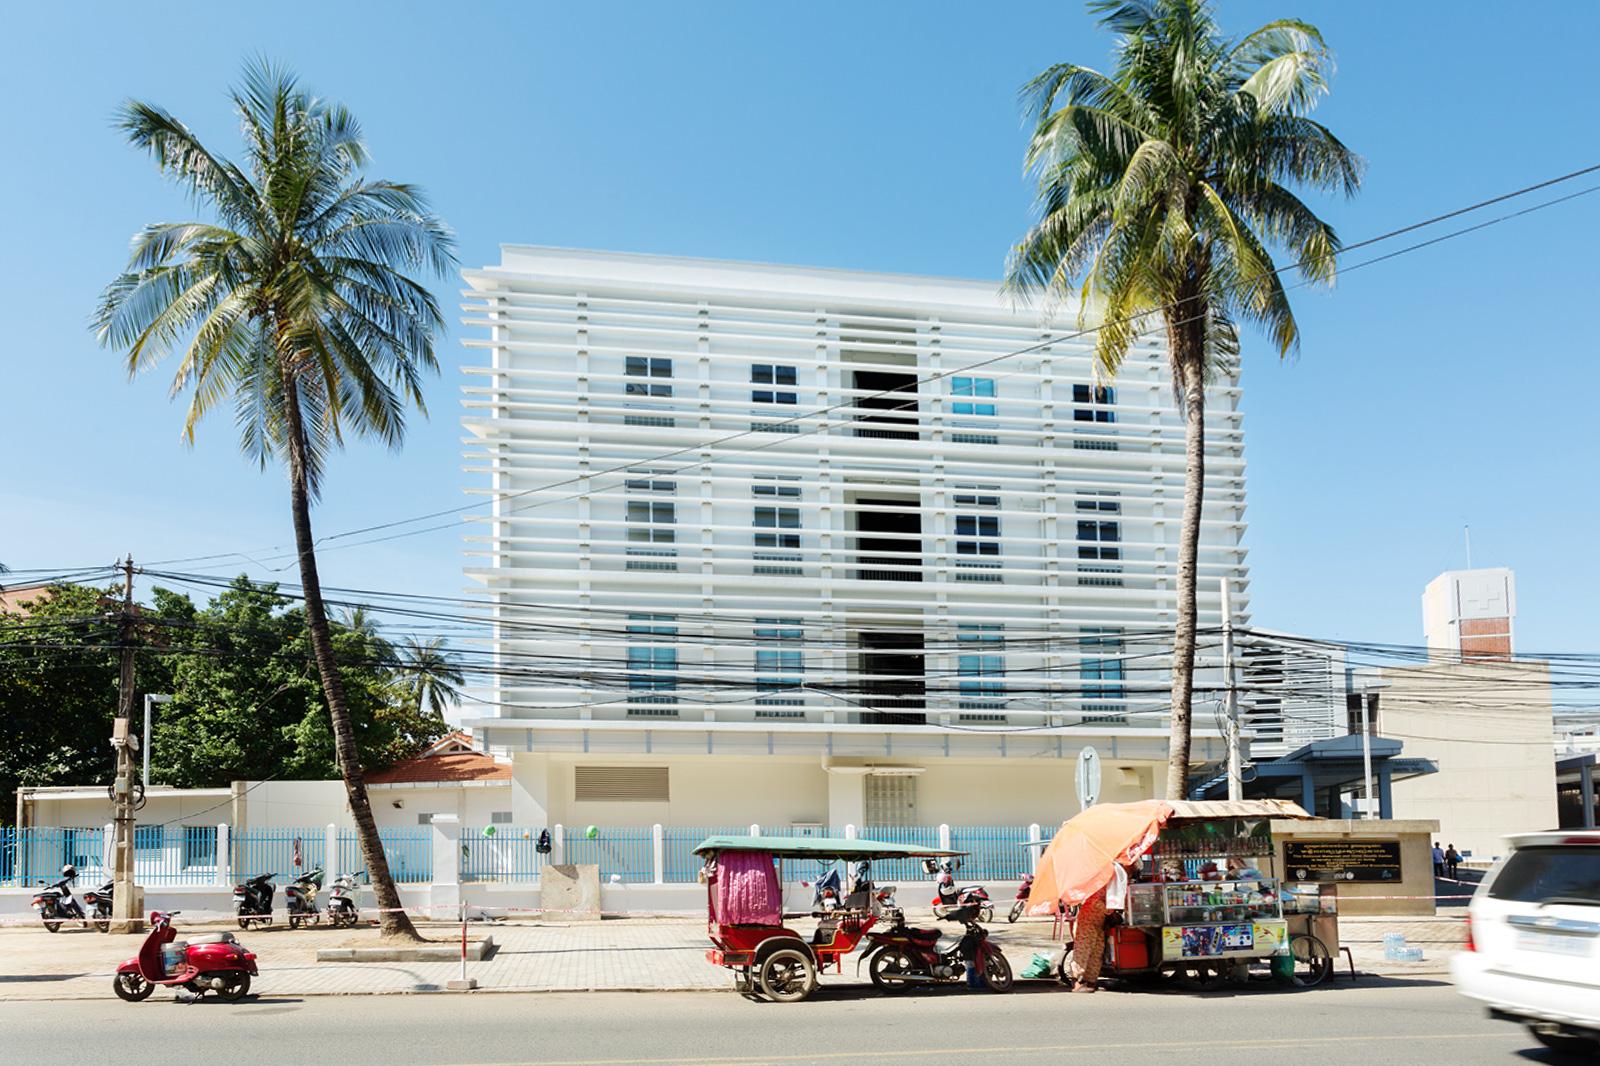 カンボジア王国 国立母子保健センター 研修棟